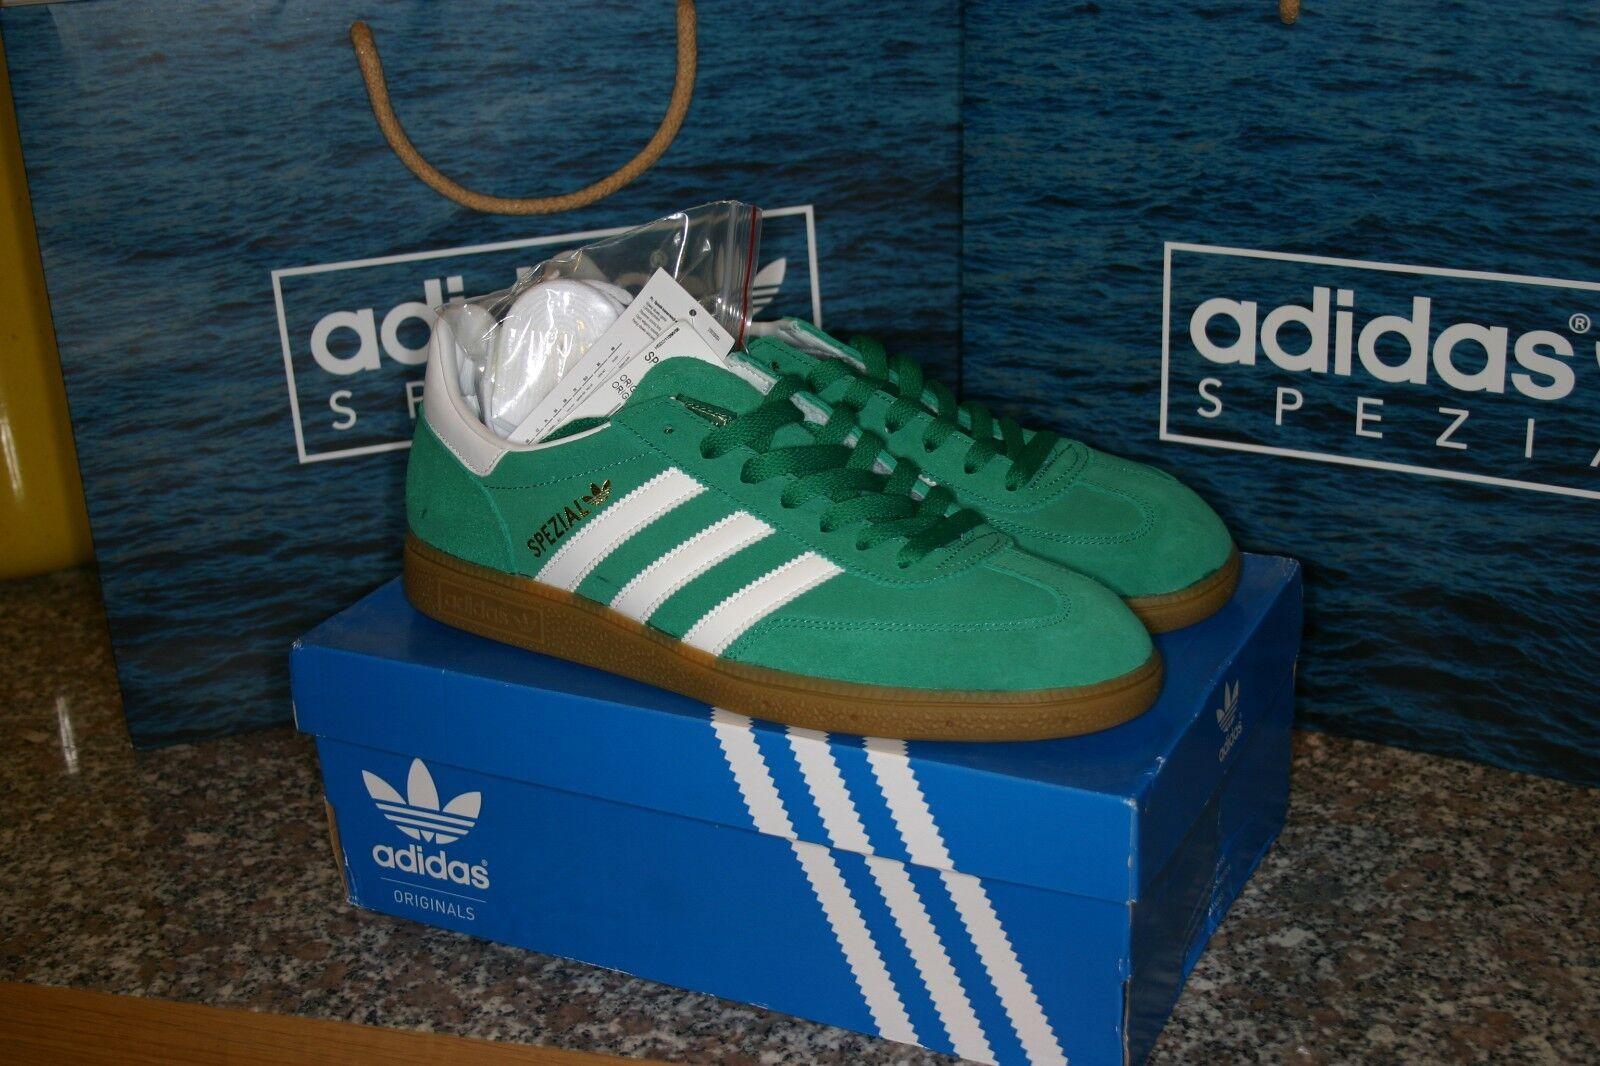 Nuevo Y En Caja Especial Adidas Spezial Entrenadores blancoo y verde oscuro con suela de goma tamaño de Reino Unido 9